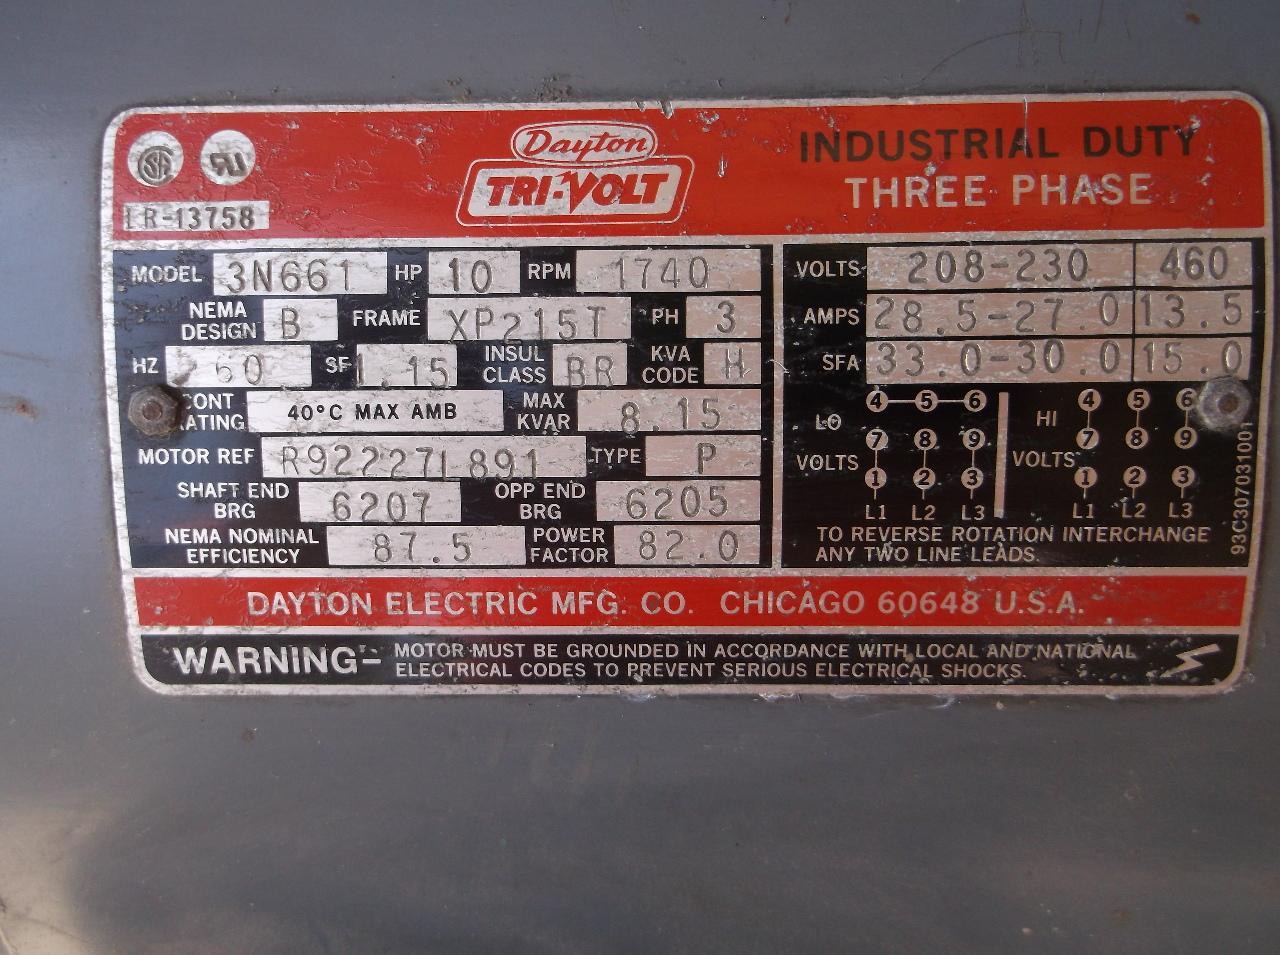 dis2269-dayton-tri-volt-motor-model-3n661-10hp-1740-rpm-3ph-2 Dayton Industrial Motor Wiring on